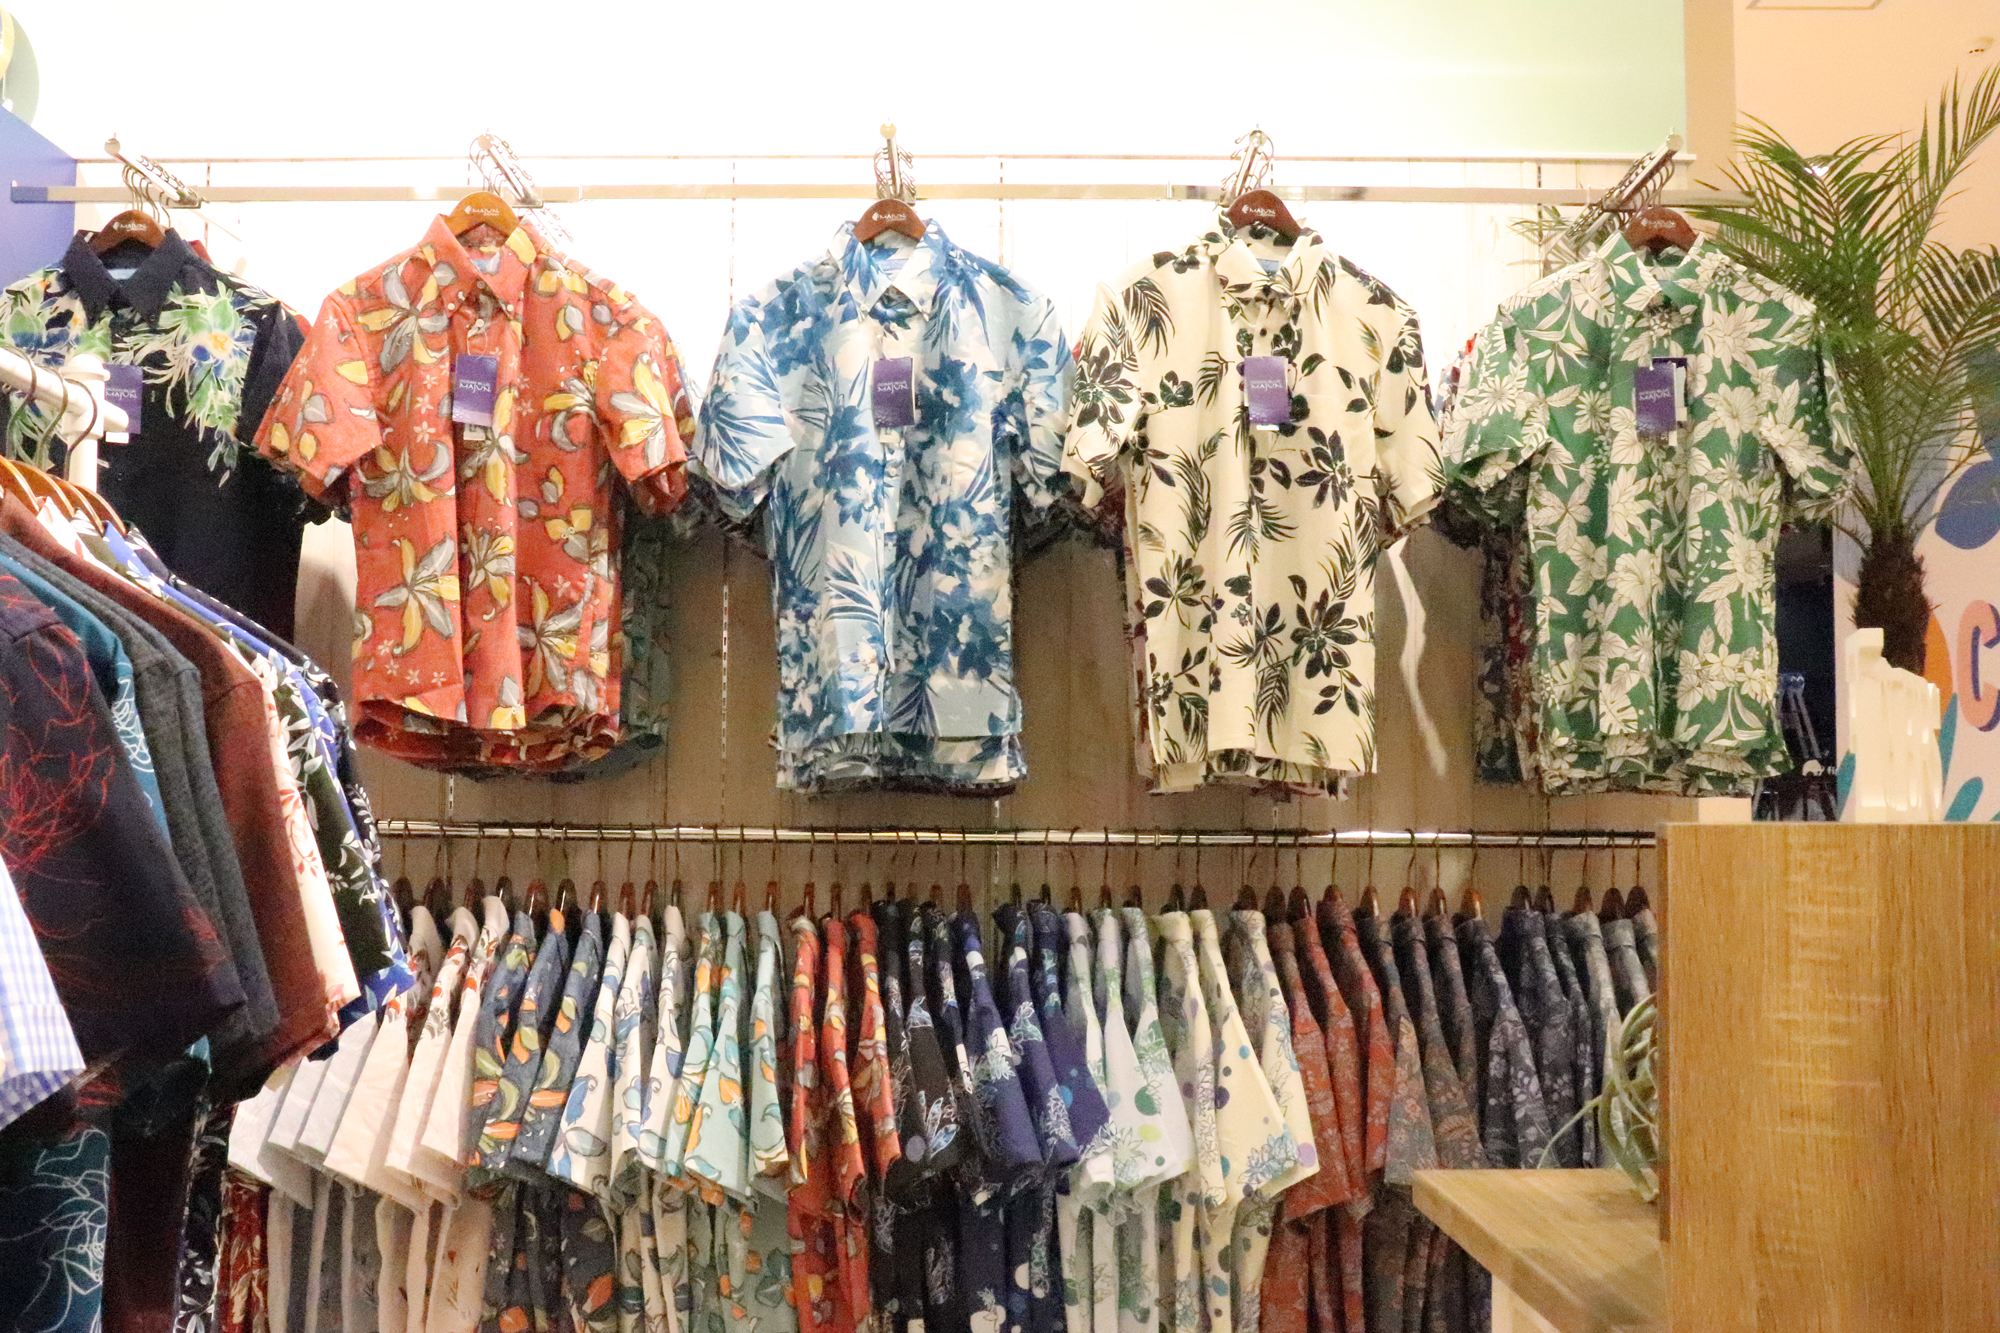 MAJUNの夏アイテム!シャツやワンピースなど人気のかりゆしウェアを紹介!